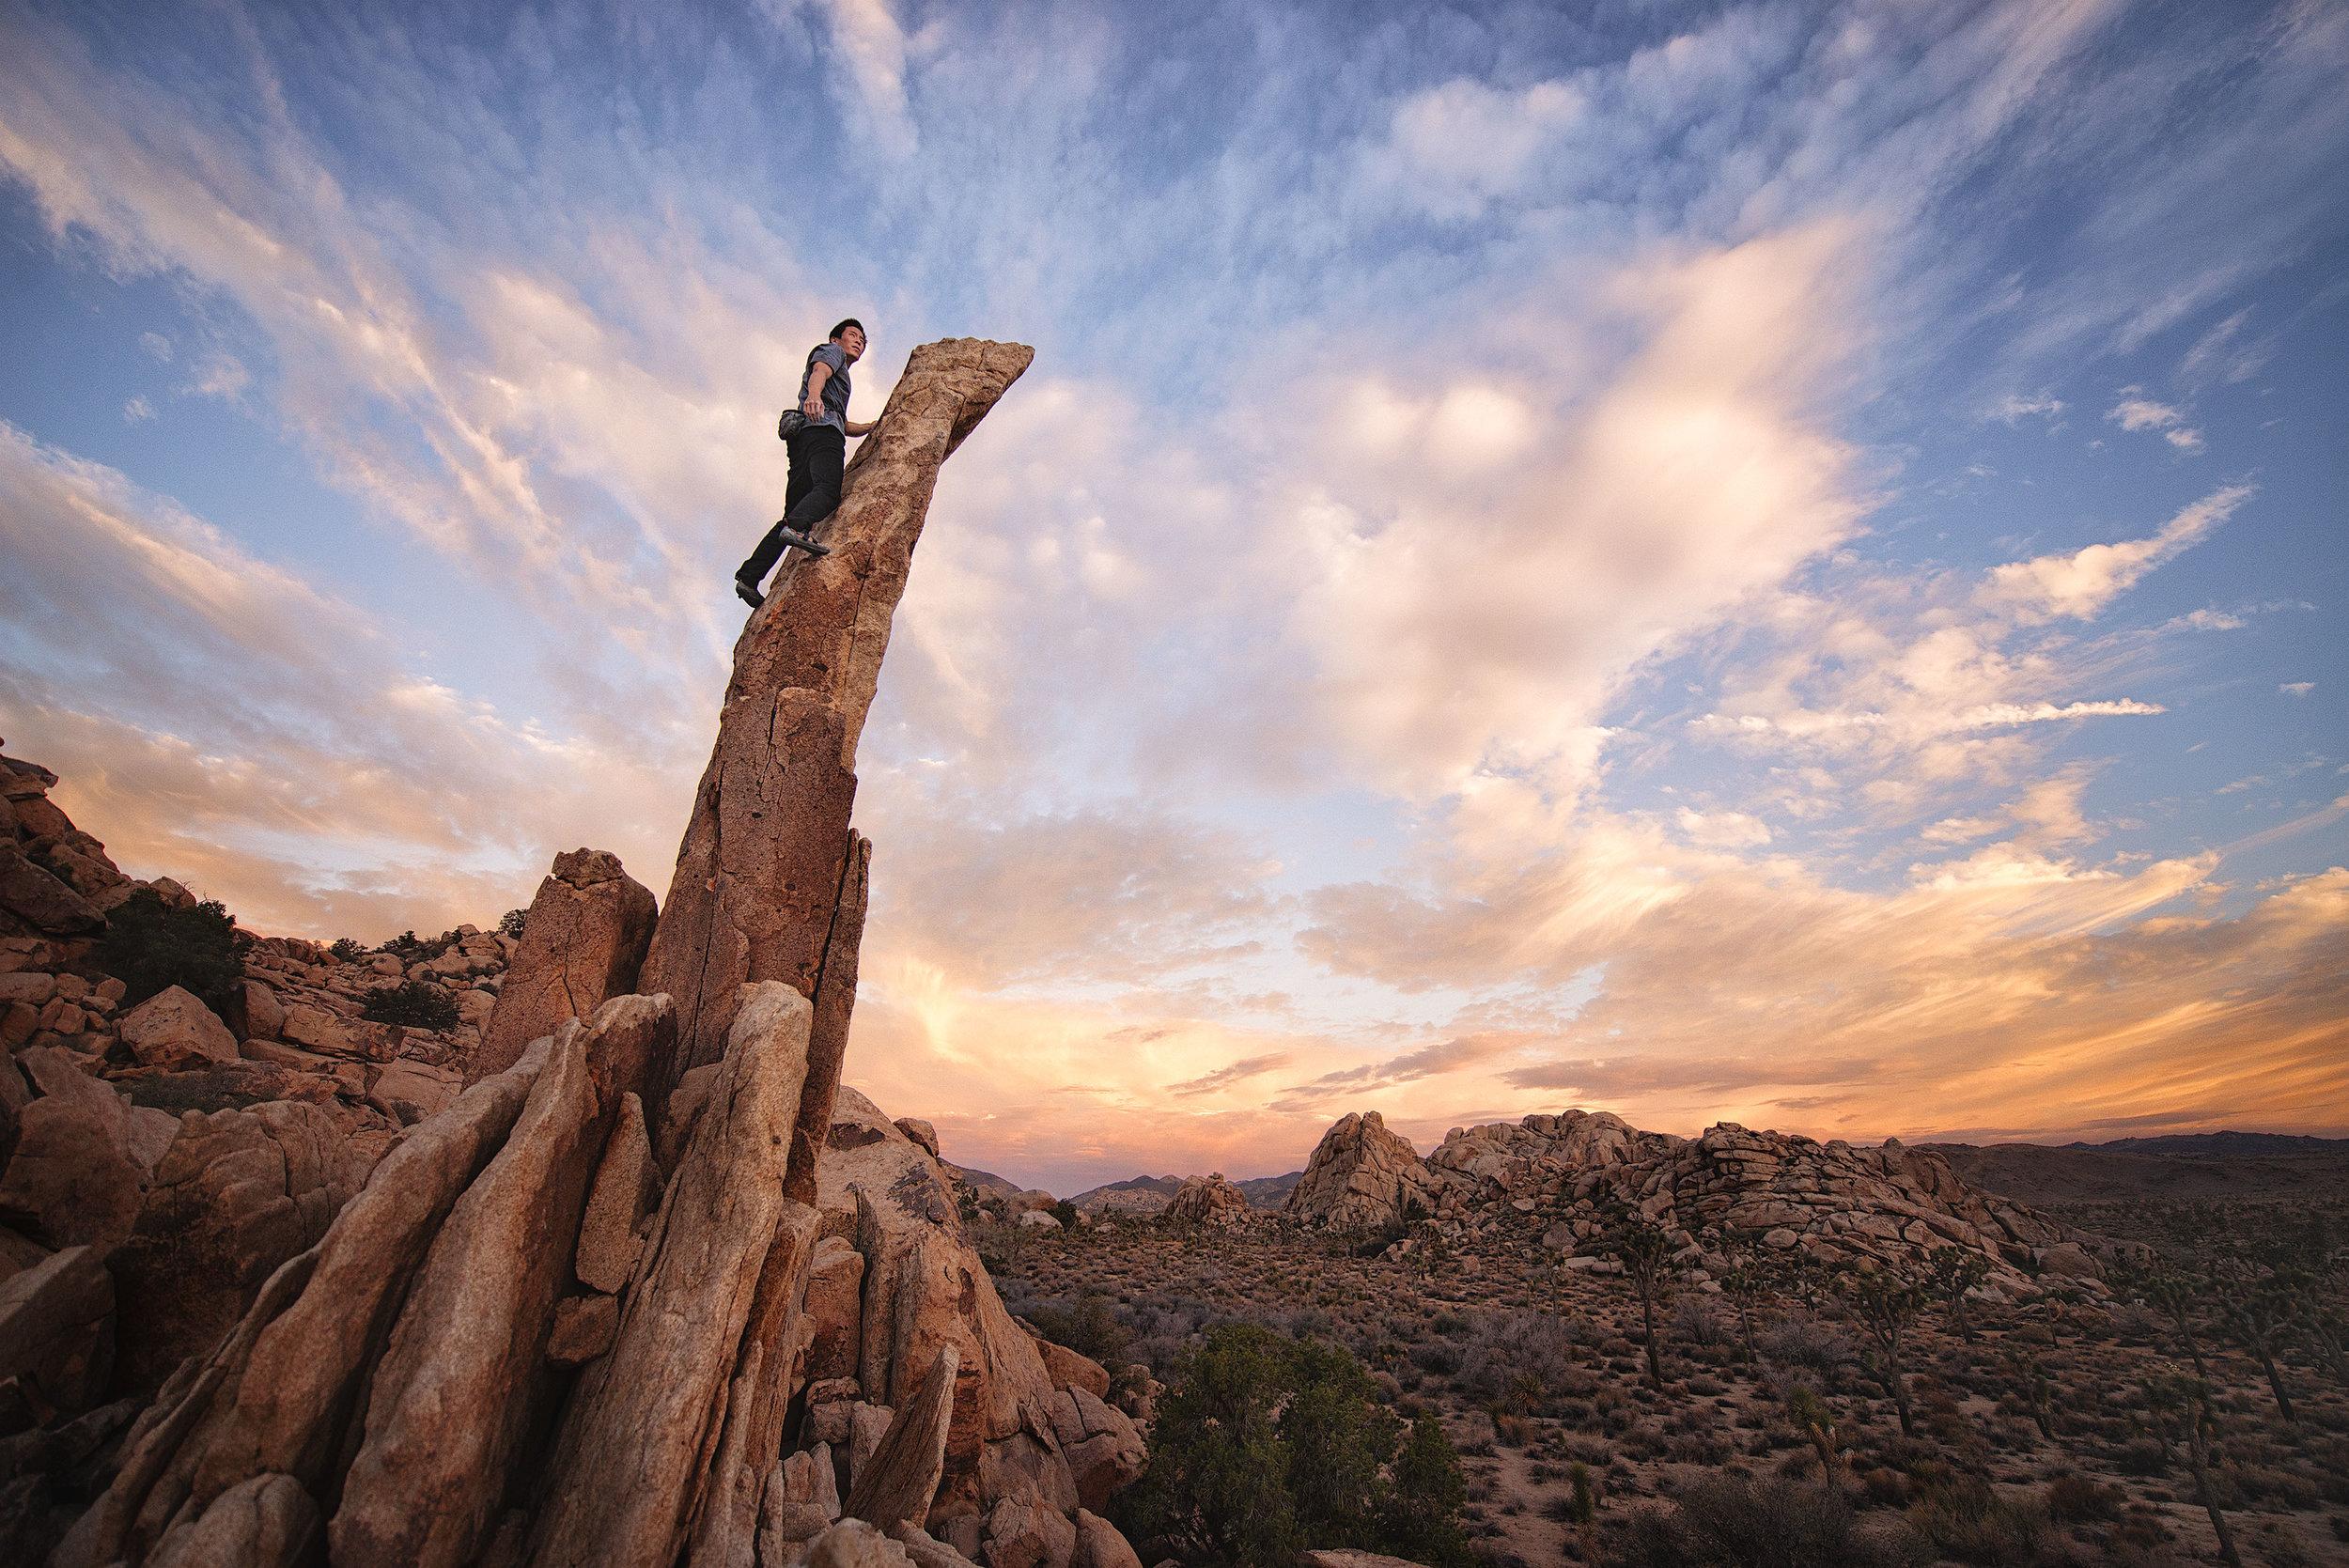 austin-trigg-joshua-tree-national-park-rock-climbing-Aiguille-desert-sunset.jpg